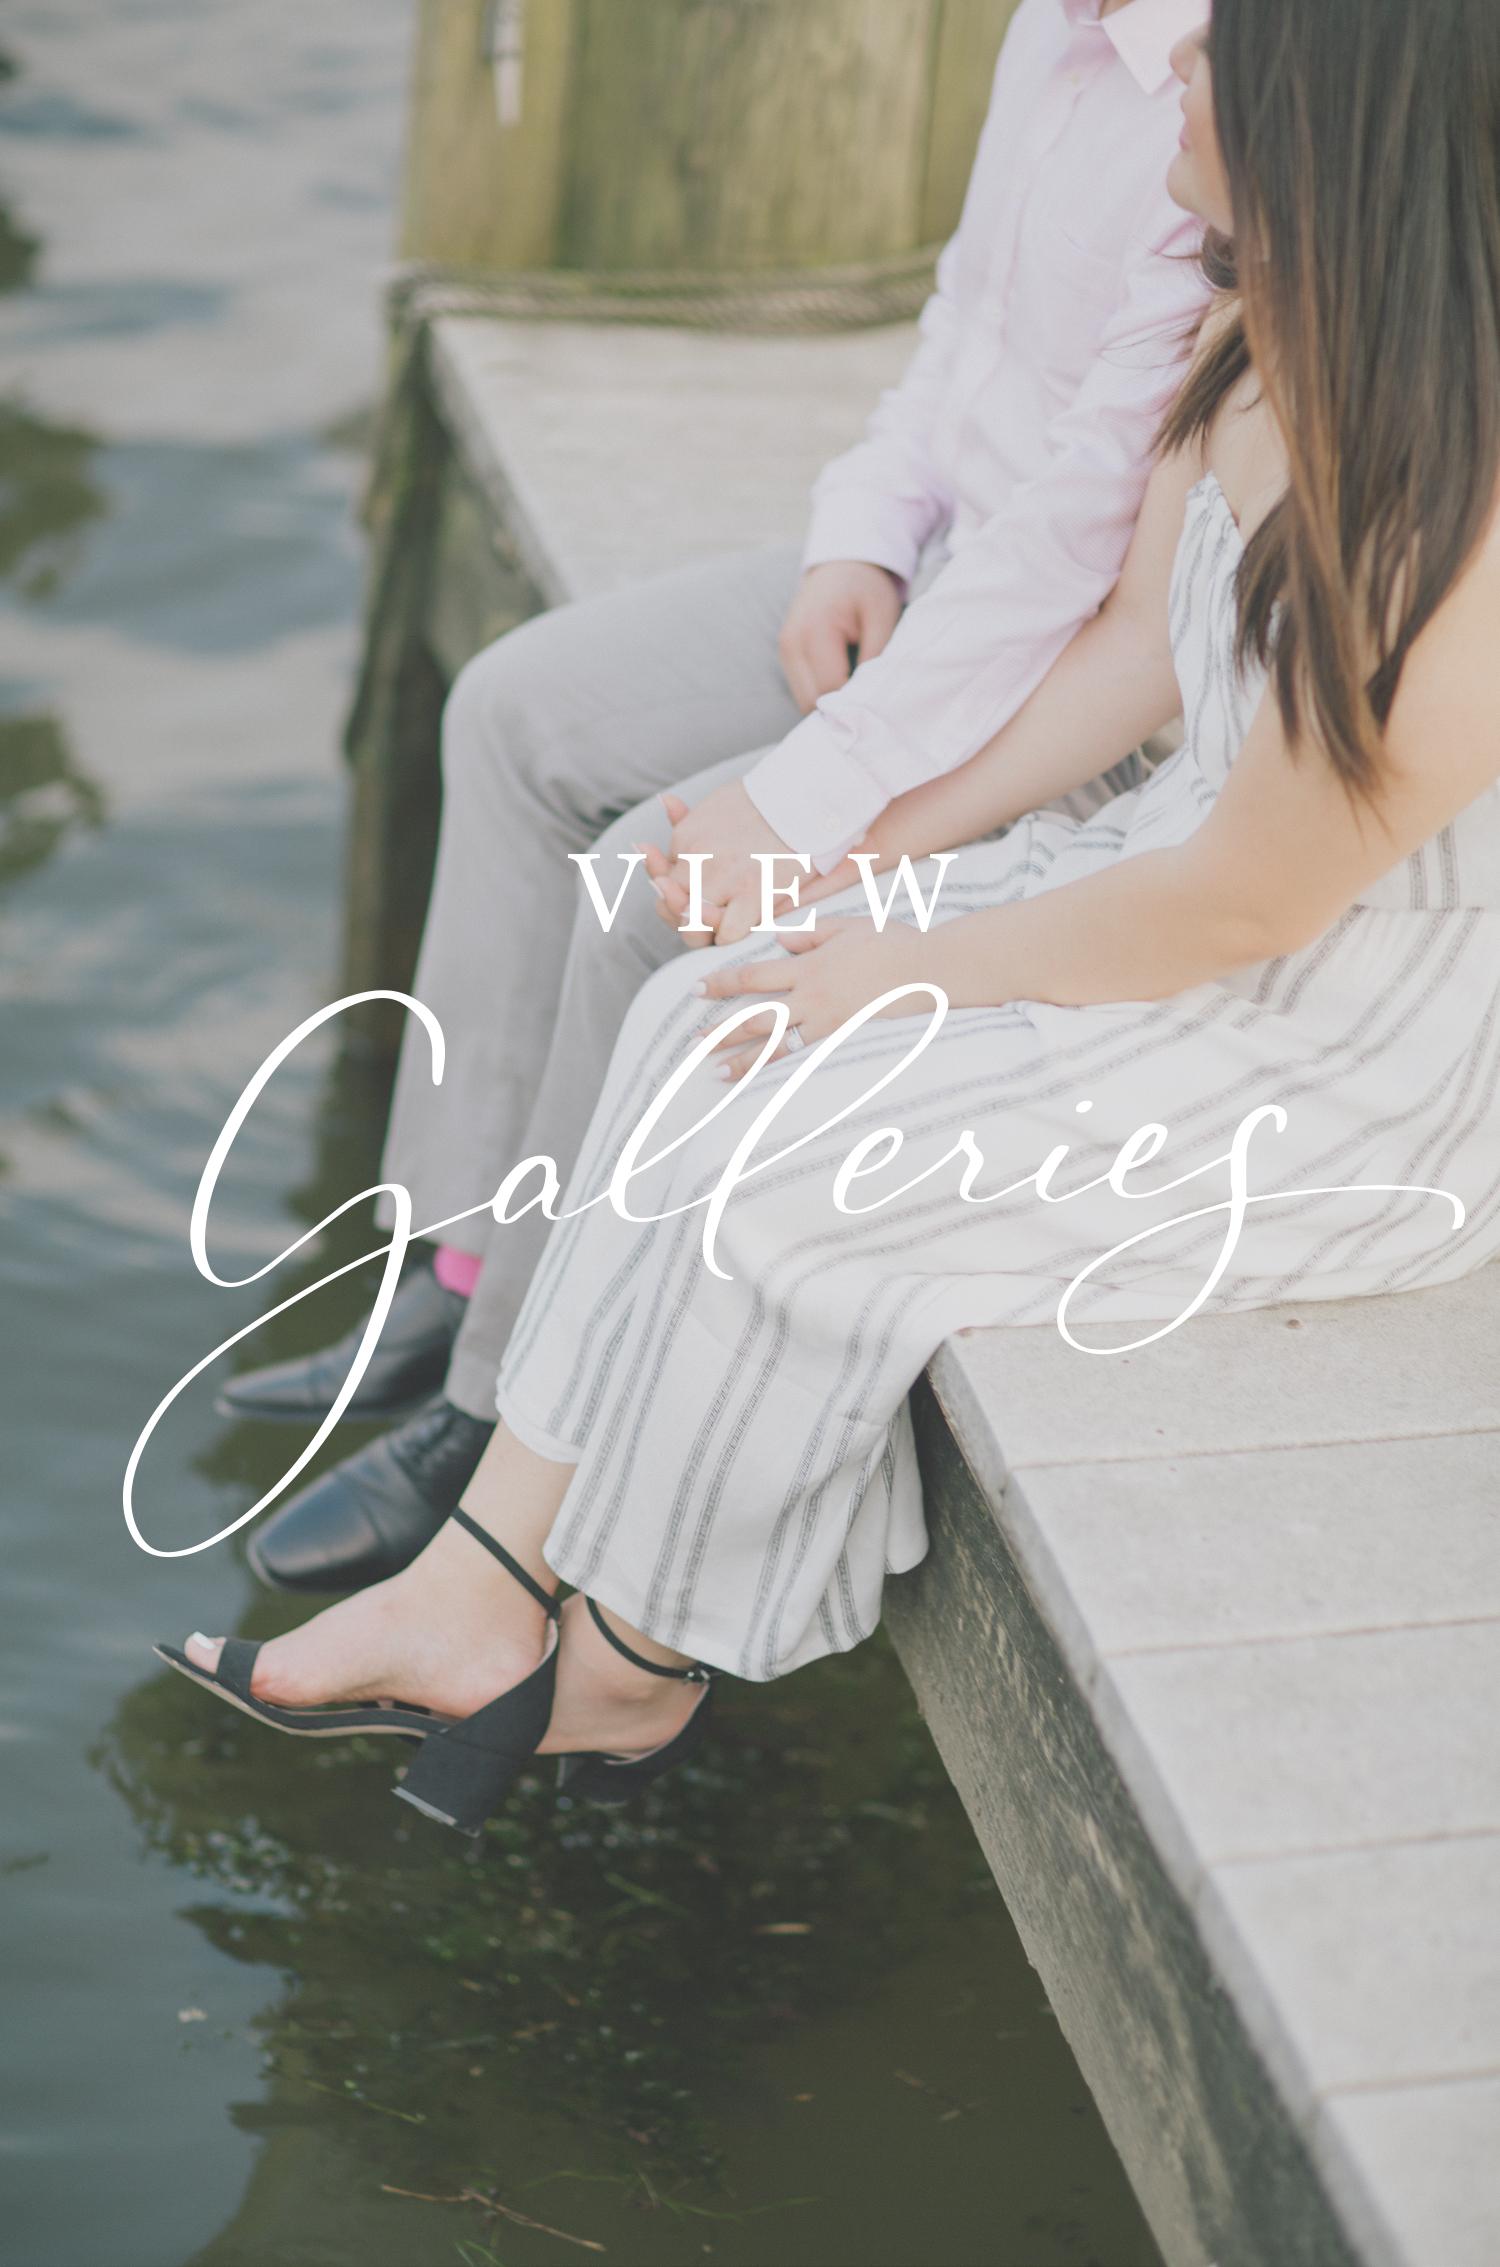 ViewGalleries.jpg